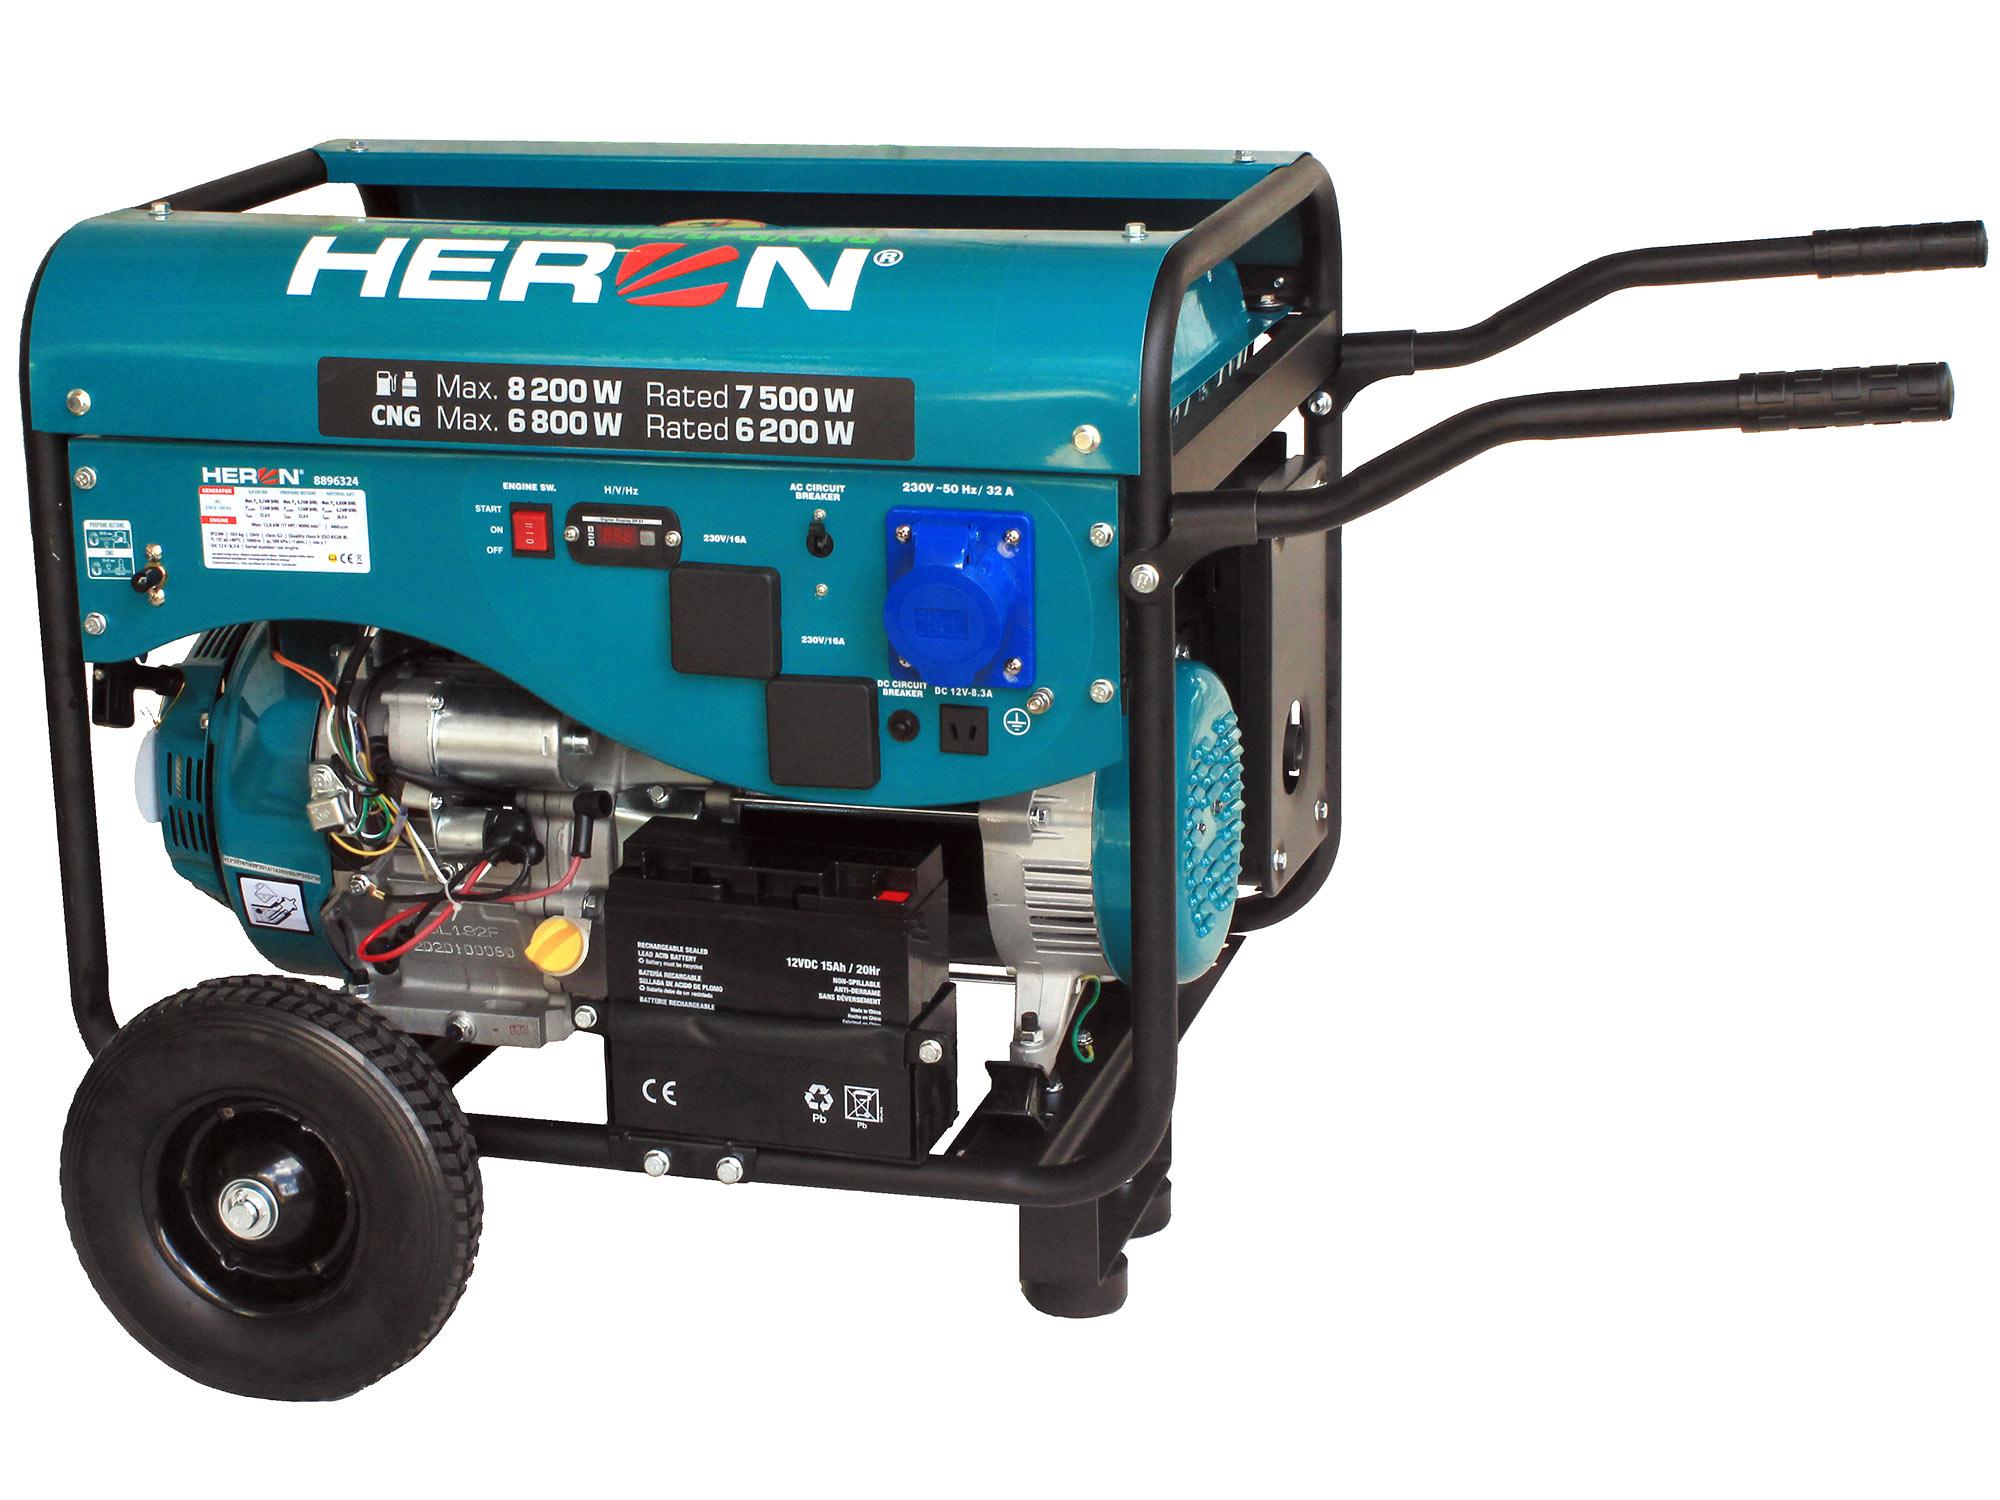 17hp, 8.2kW Petrol-LPG-CNG Generator